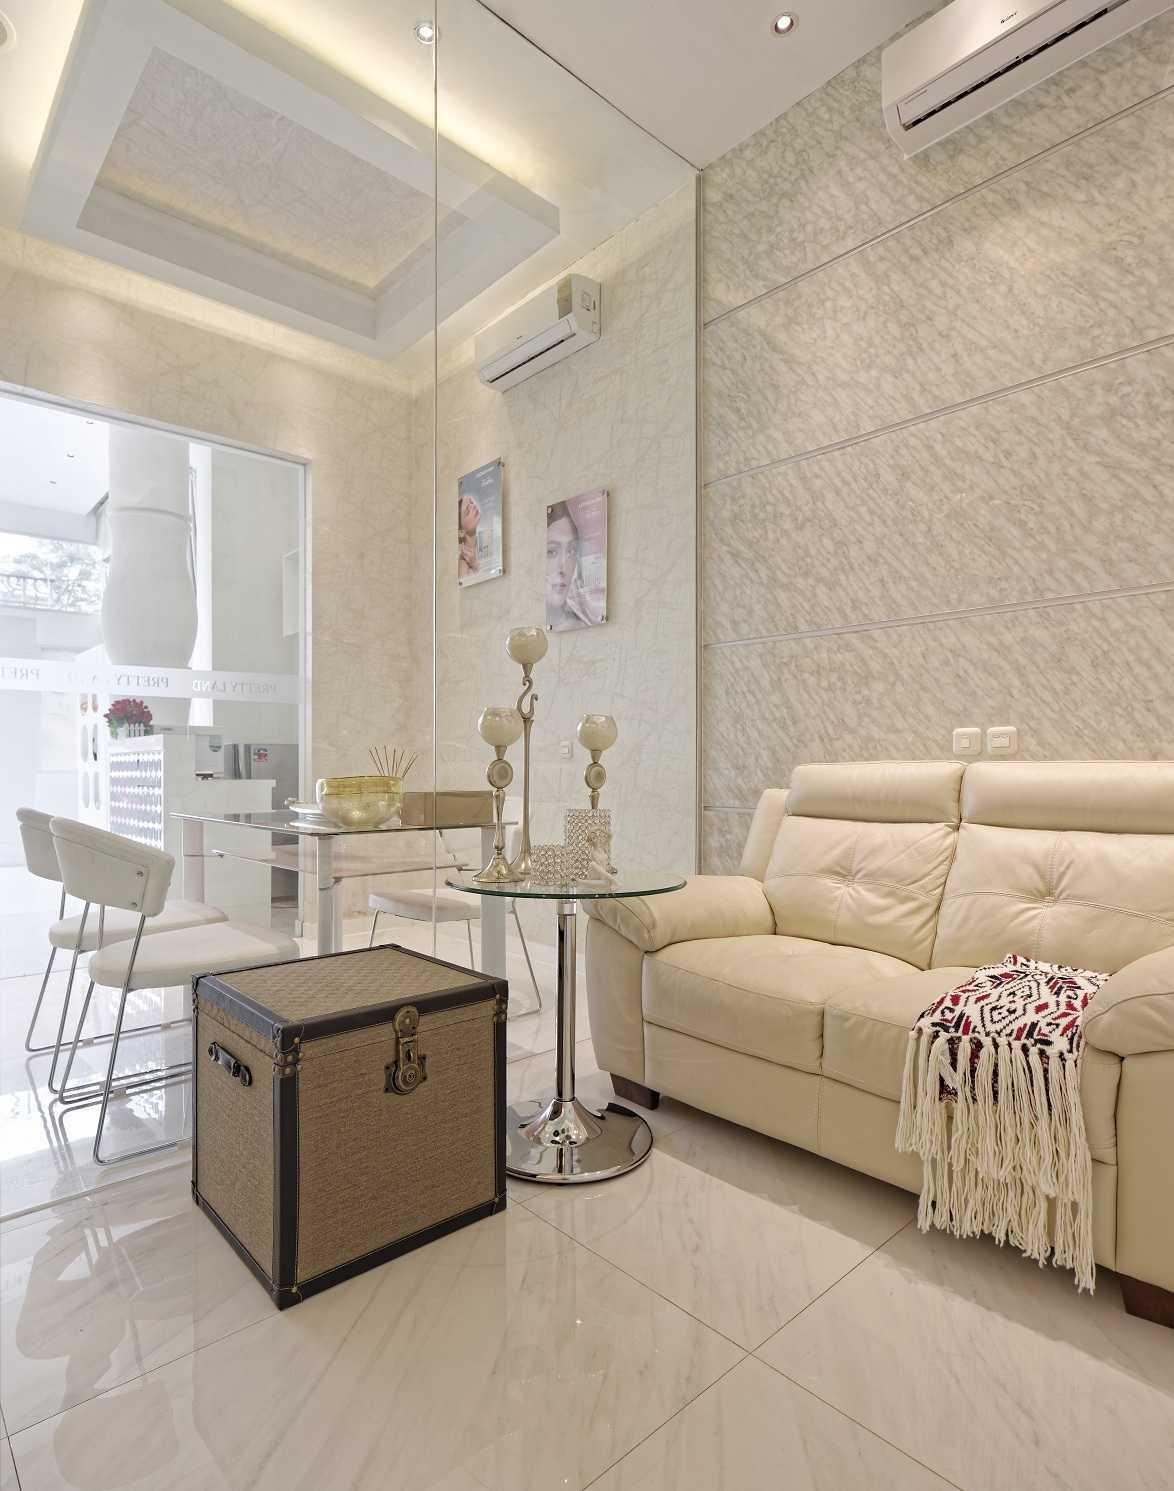 Teddykoo  Prettyland Jakarta Jakarta 042-Prettyland-2Quadran-Ed Kontemporer,modern 28244